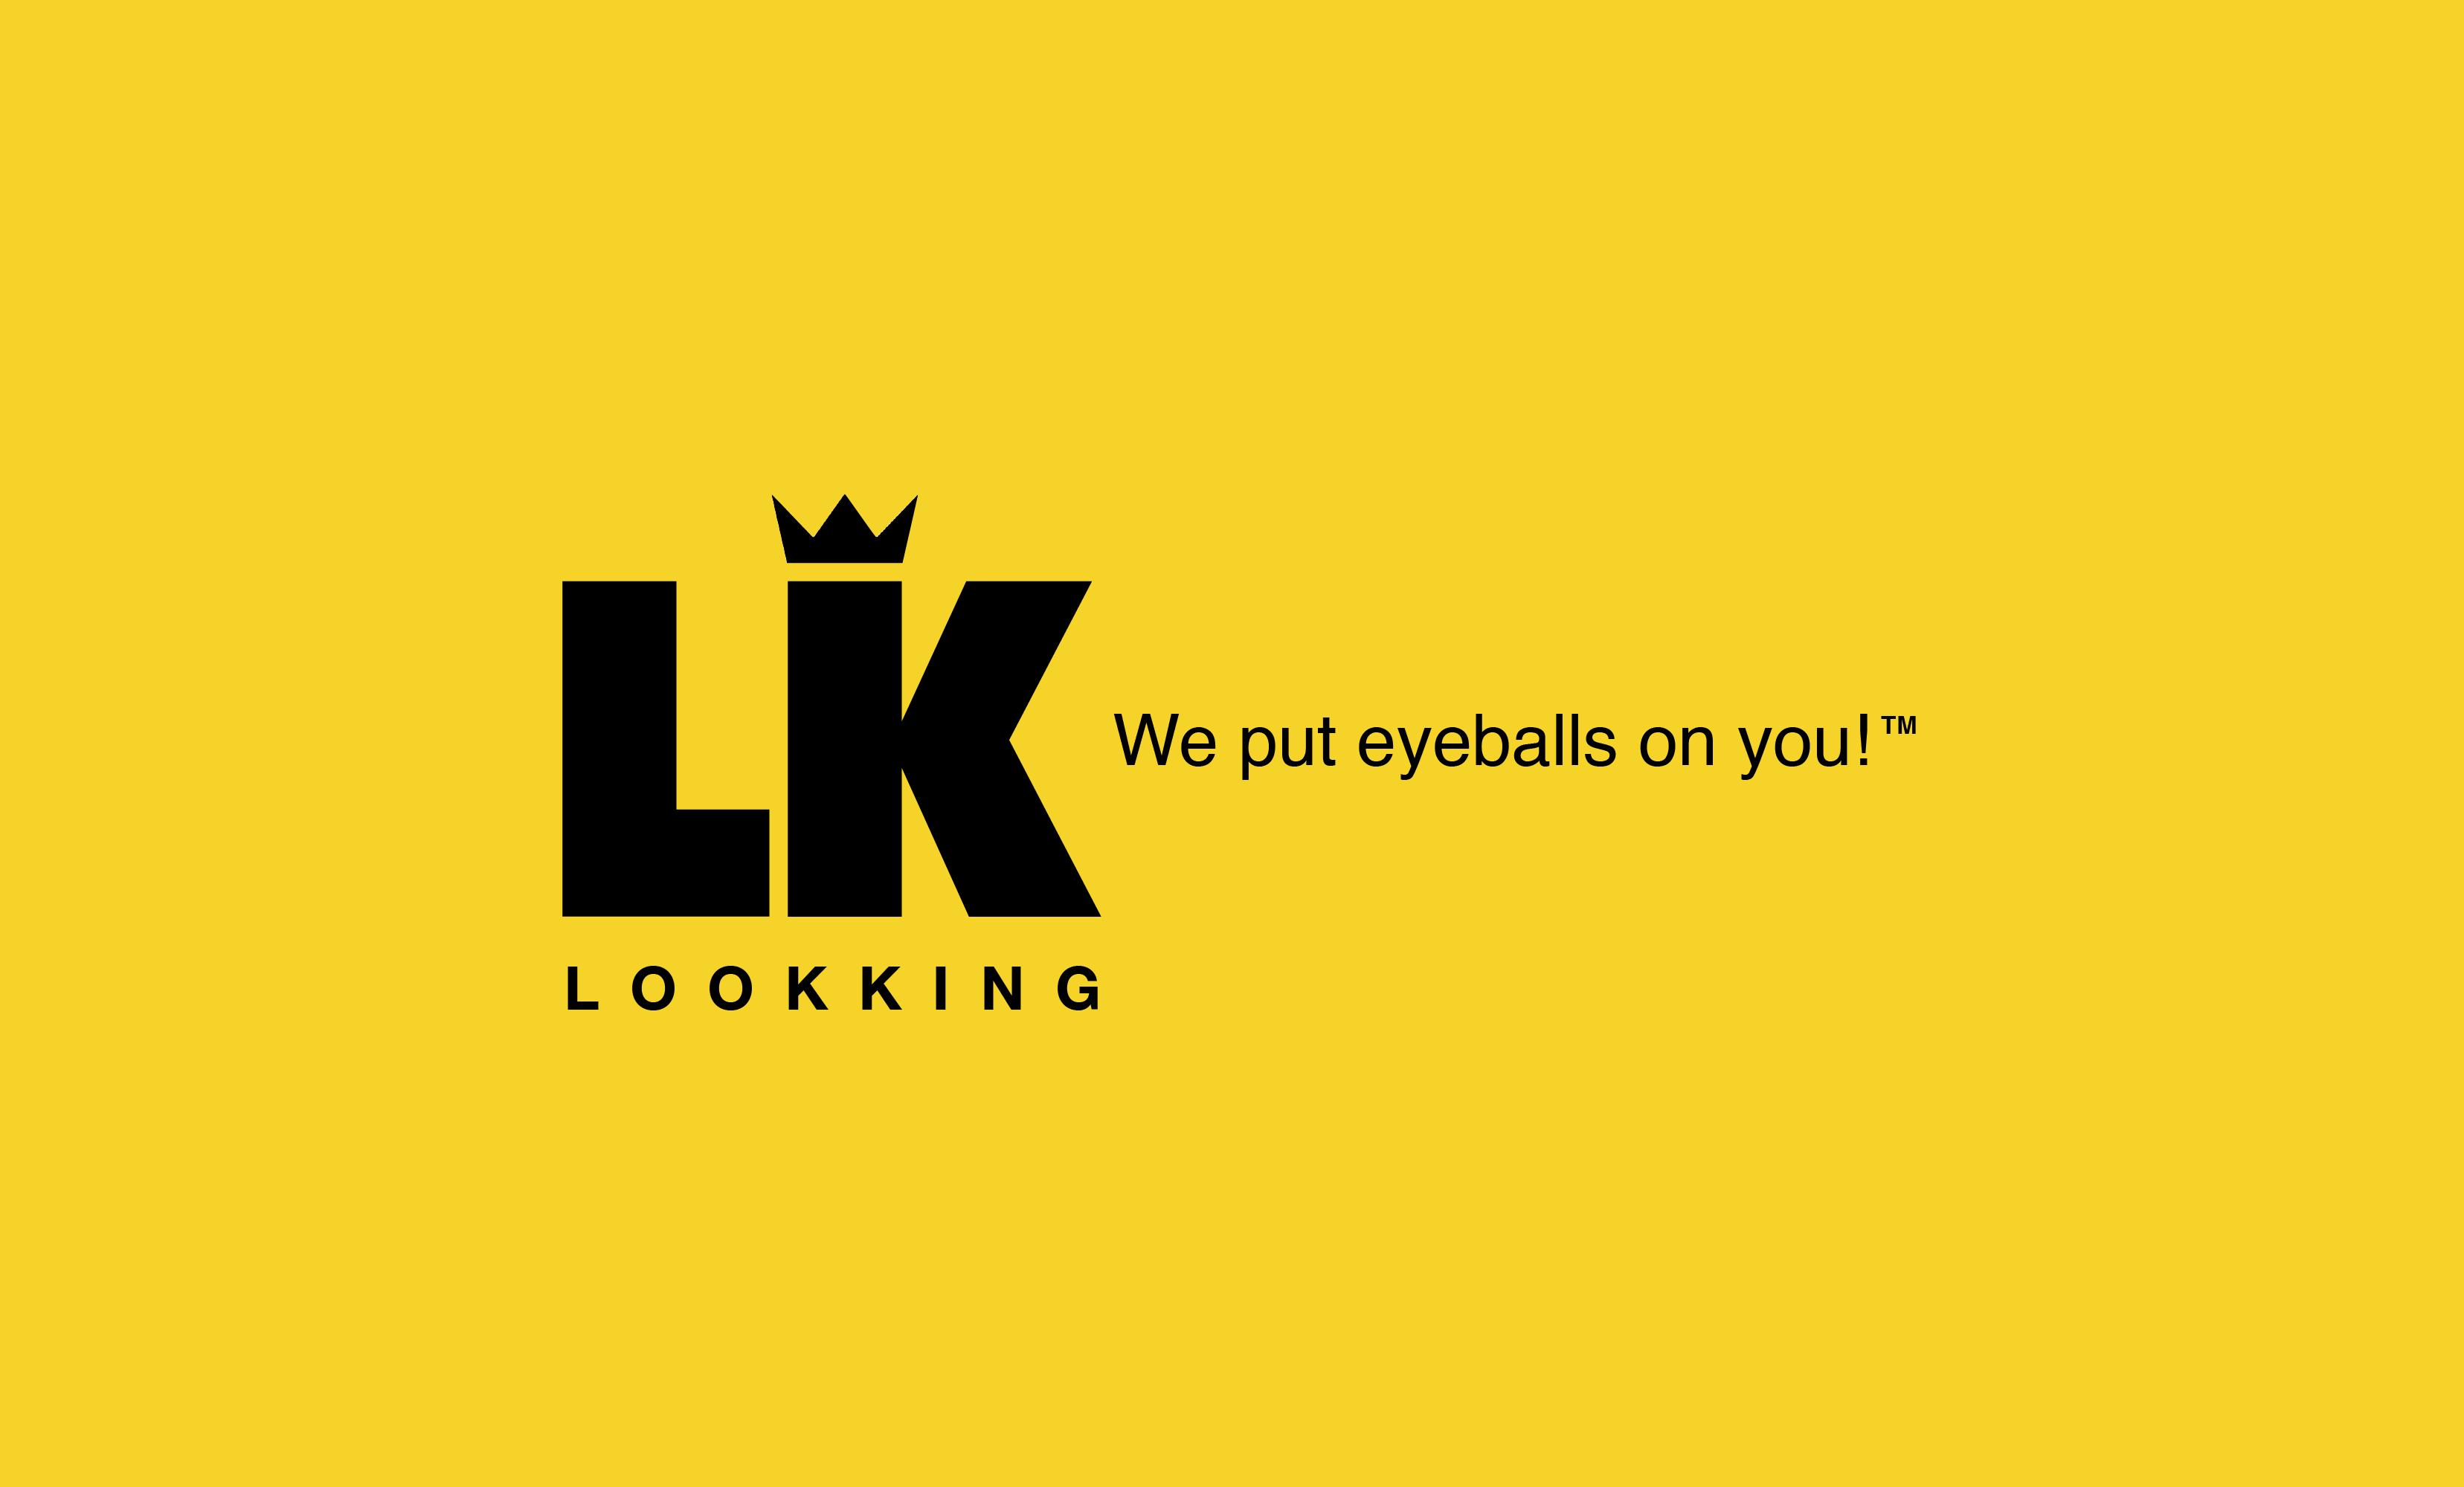 Lookking 3